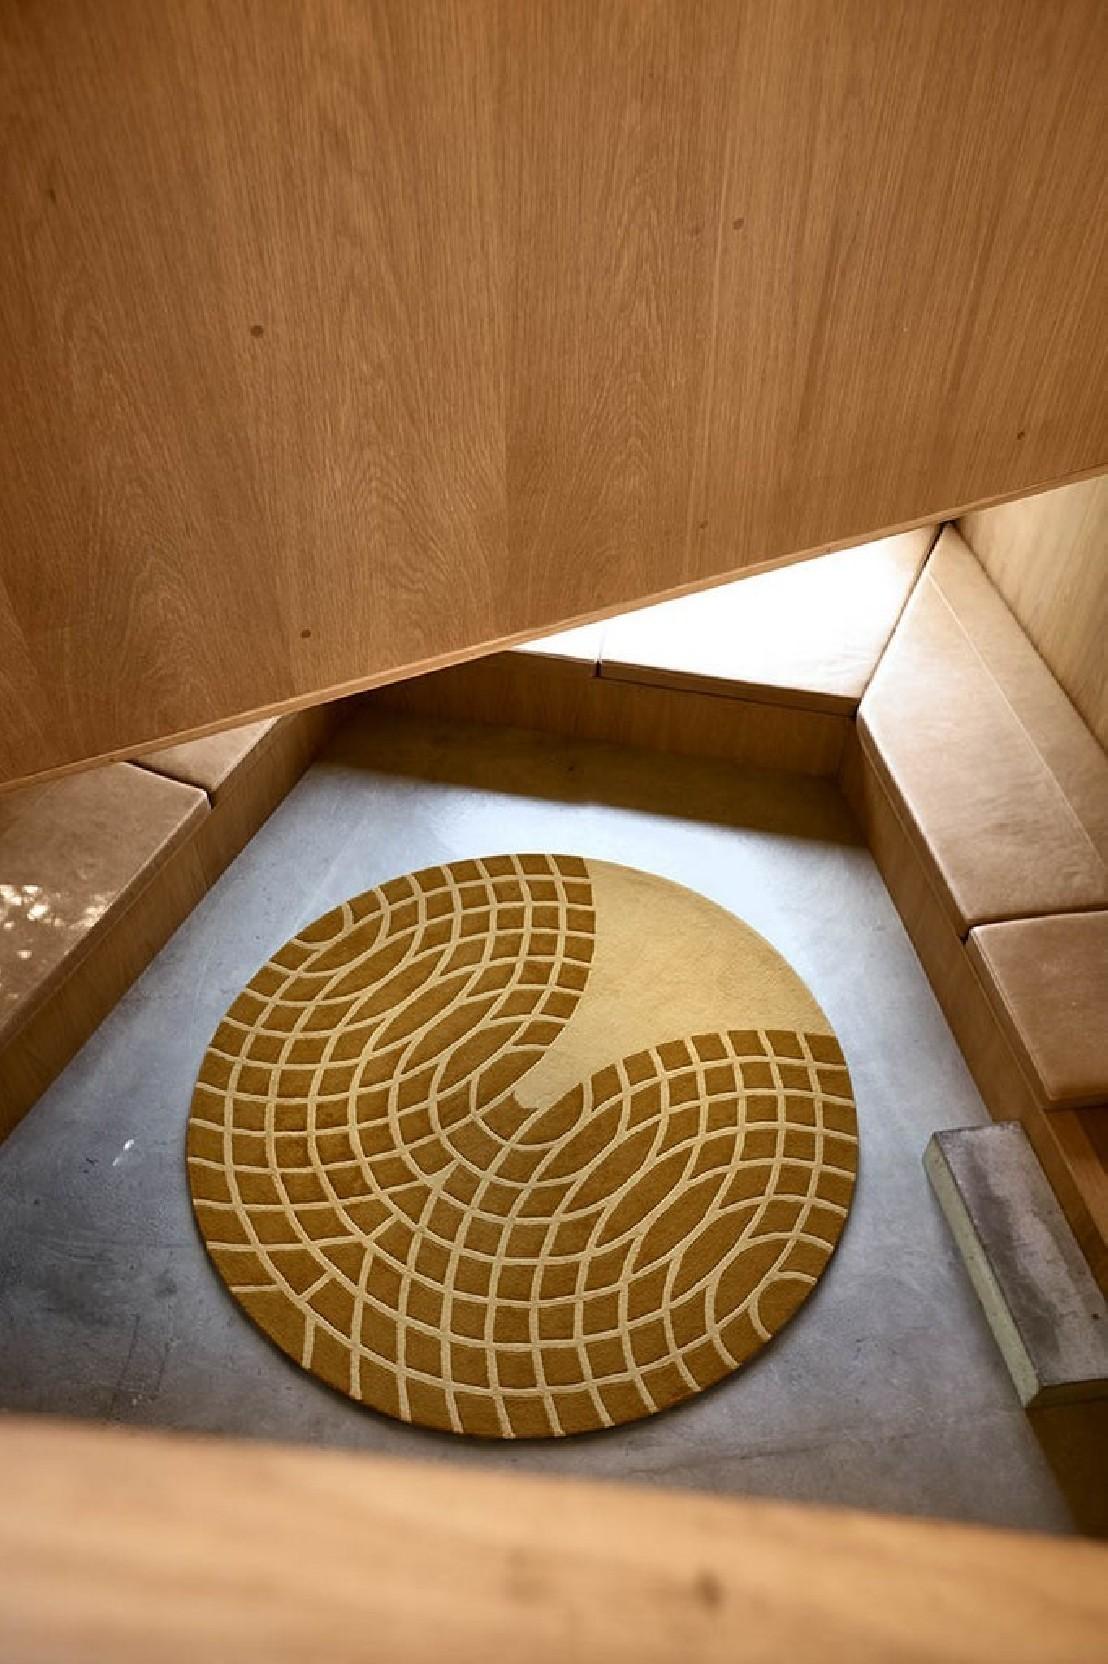 nouveau tapis laine verpan verner panton rond jaune. Black Bedroom Furniture Sets. Home Design Ideas